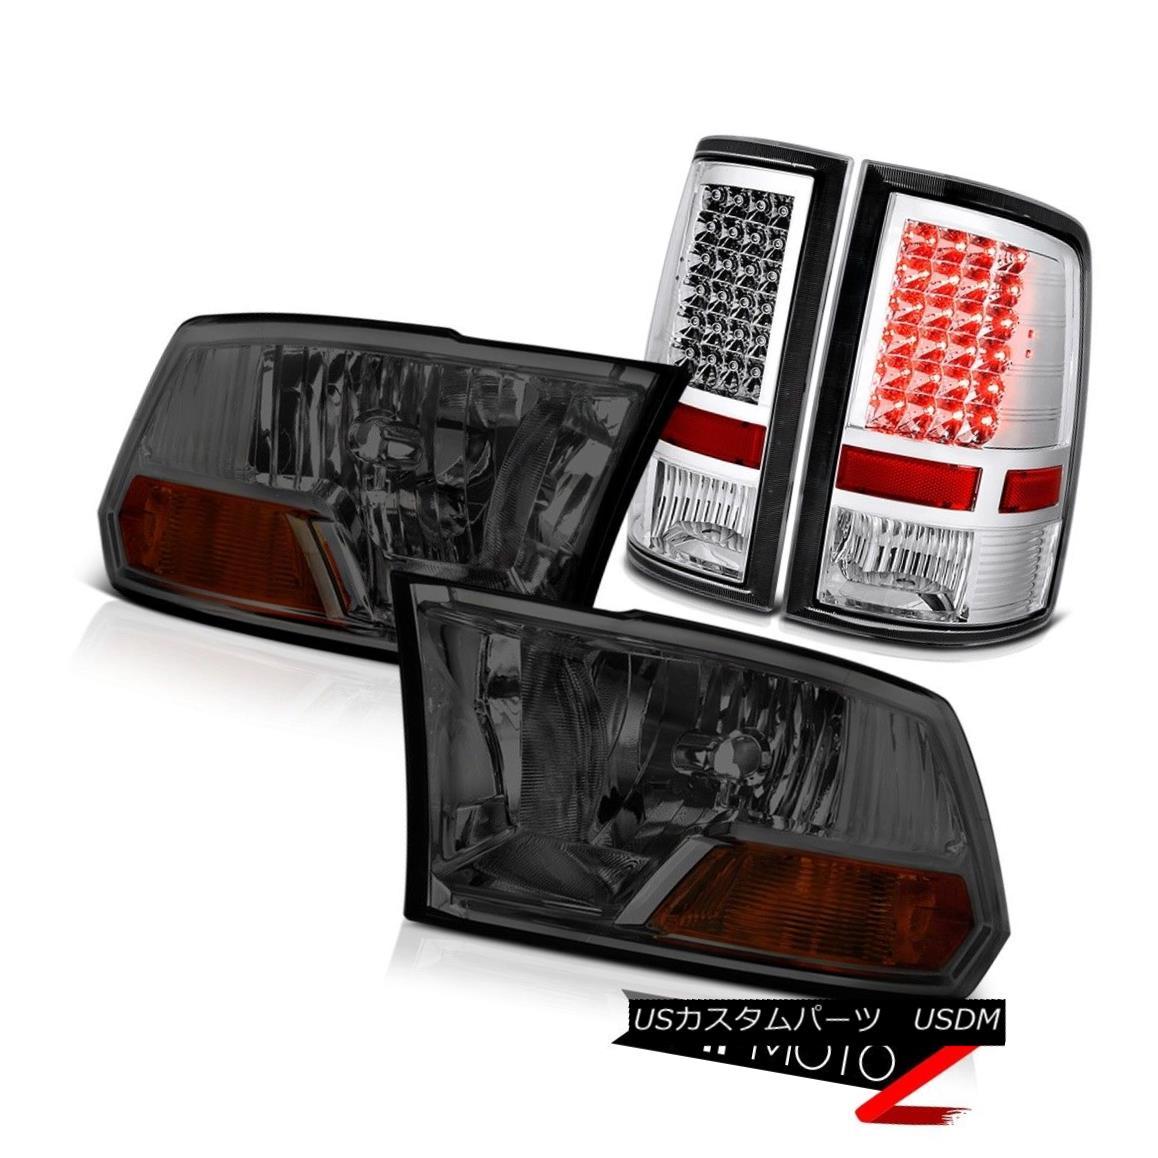 ヘッドライト Smoke Front Headlight LEFT RIGHT LED Chrome Taillamp 09-10-11-12-13-18 Dodge Ram 煙フロントヘッドライトLEFT RIGHT LED Chrome Taillamp 09-10-11-12-13  -18 Dodge Ram